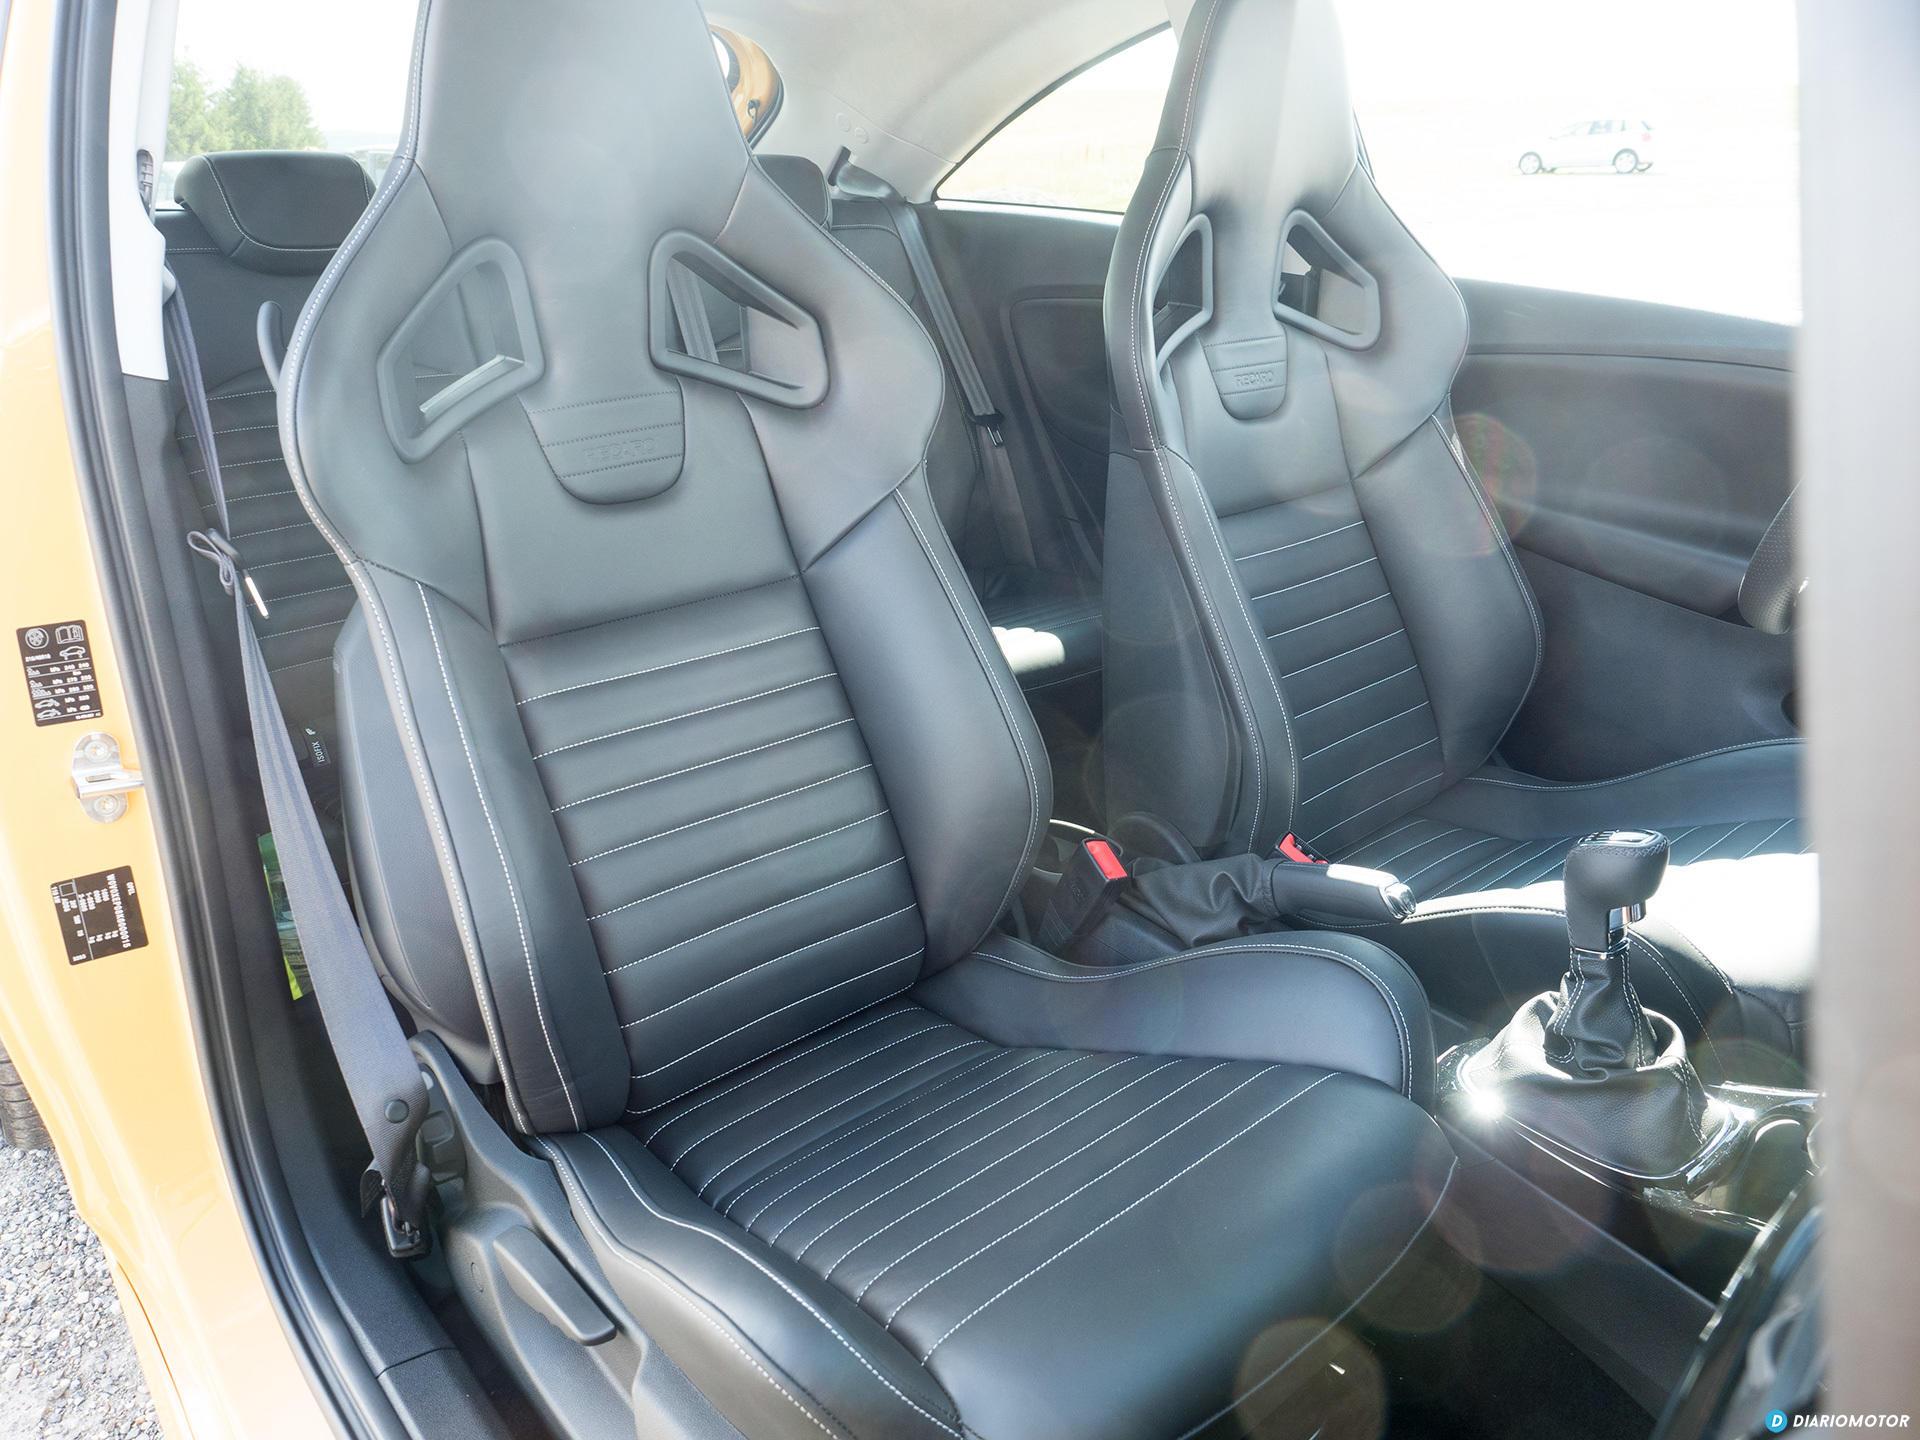 Opel Corsa Gsi Interior 02